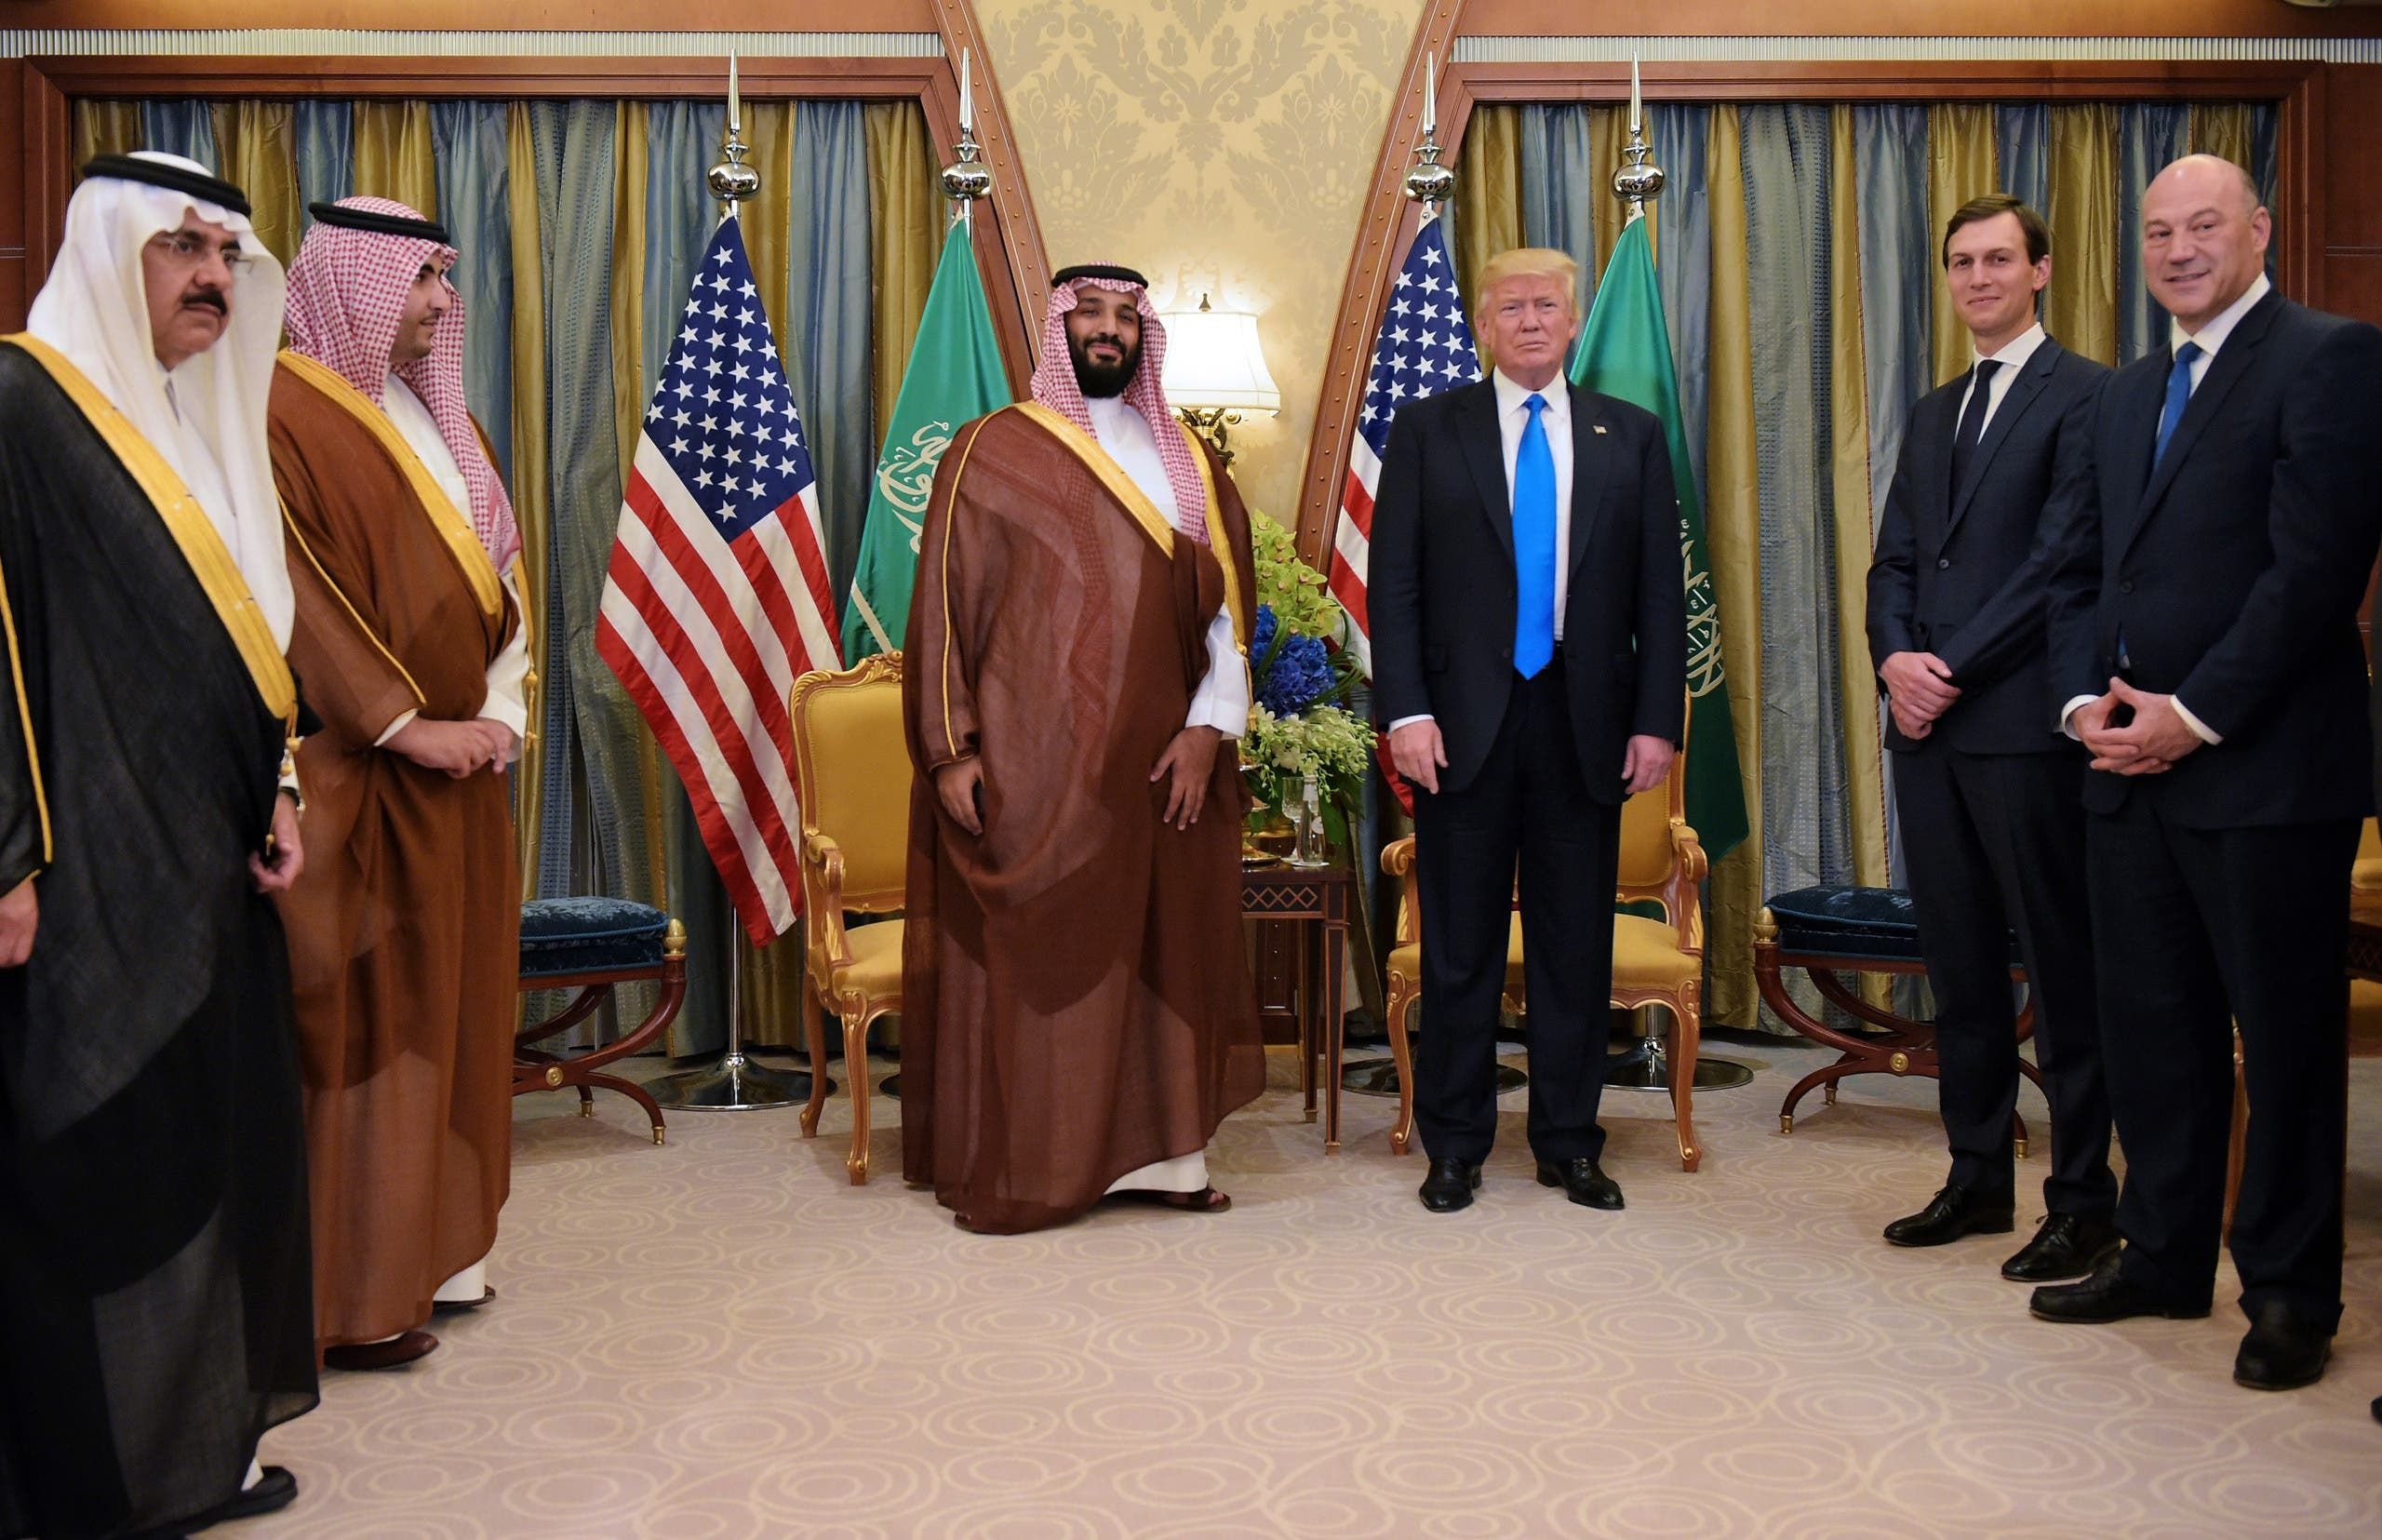 من لقاء الأمير محمد بن سلمان وترمب في الرياض يوم 20 مايو 2017